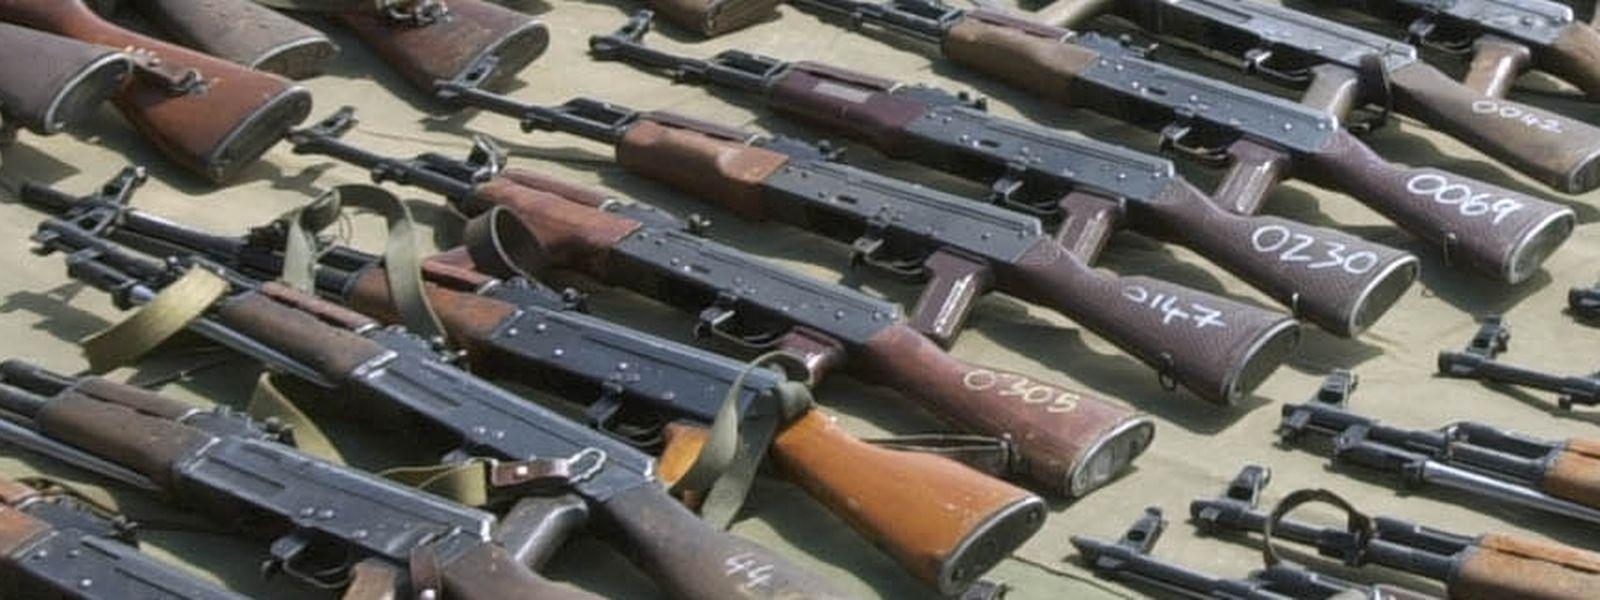 Eine slowakische Firma bietet ihre Waffen auch in Luxemburg an.